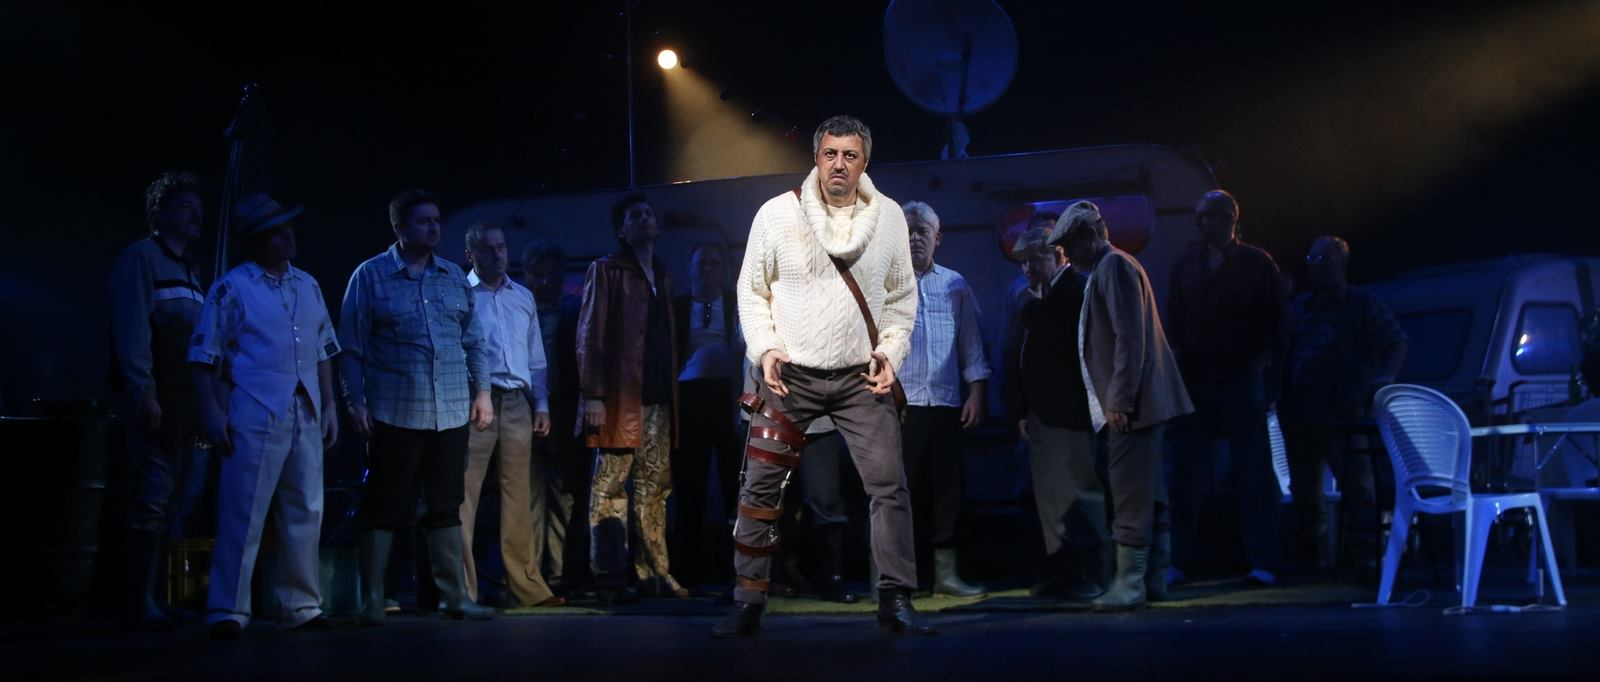 FOTO: Najava izvedbi opere 'Rigoletto' u HNK Ivana pl. Zajca